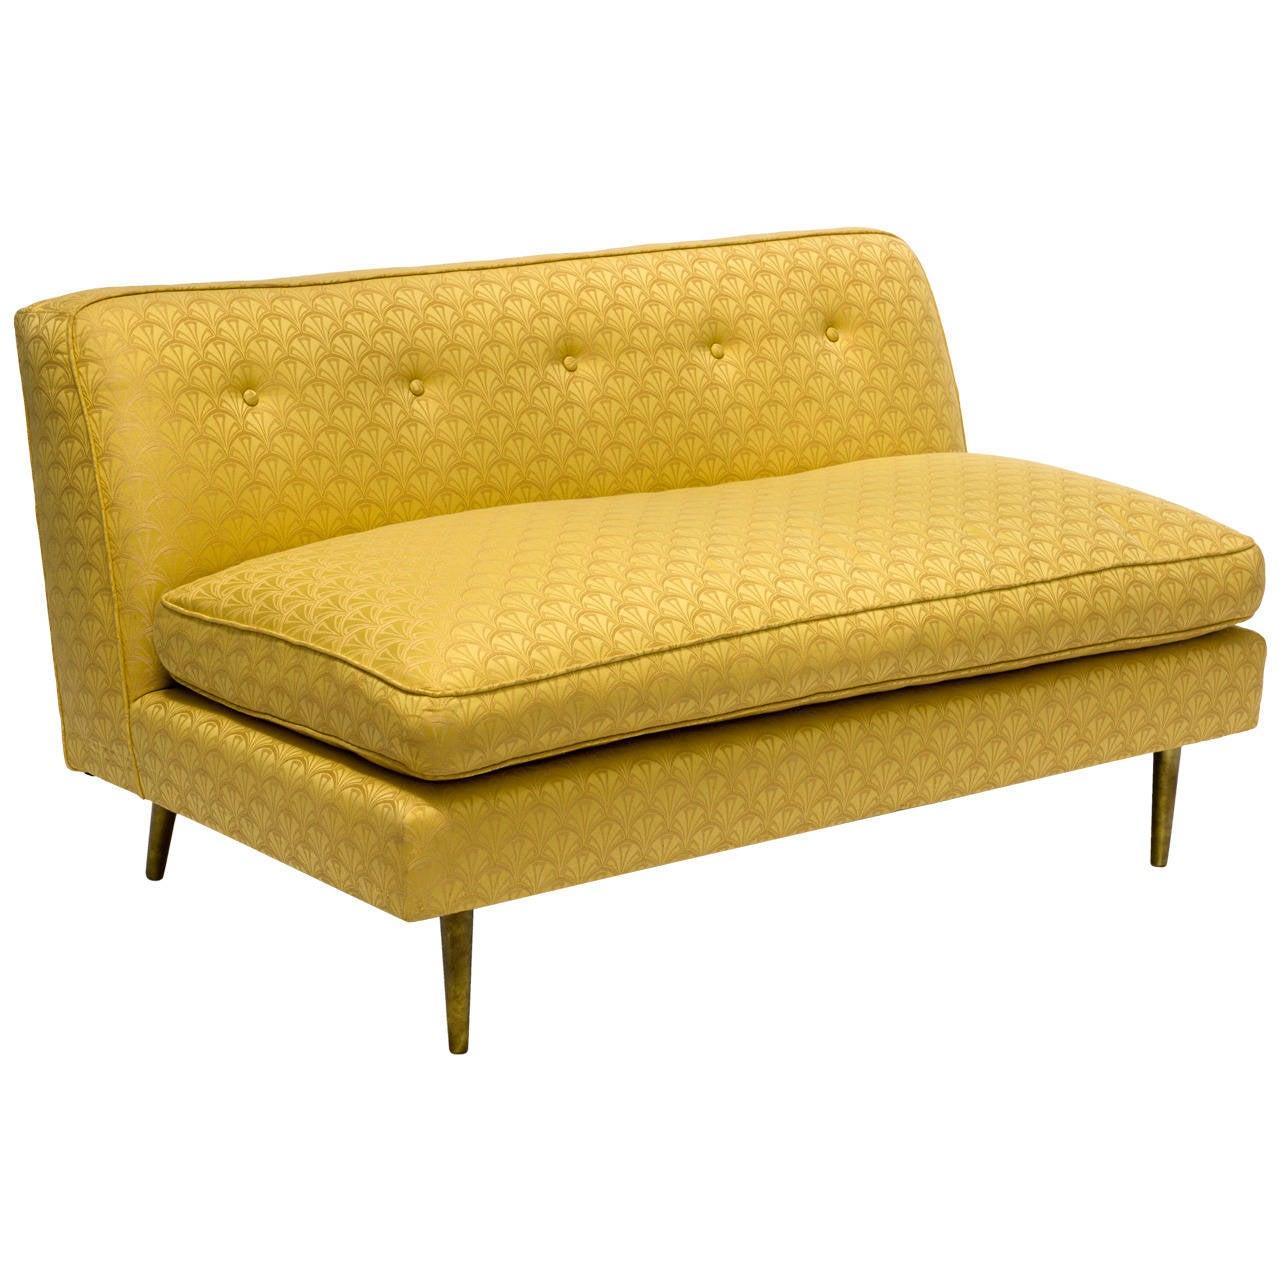 Mid Century Modern Dunbar Style Loveseat Sofa At 1stdibs